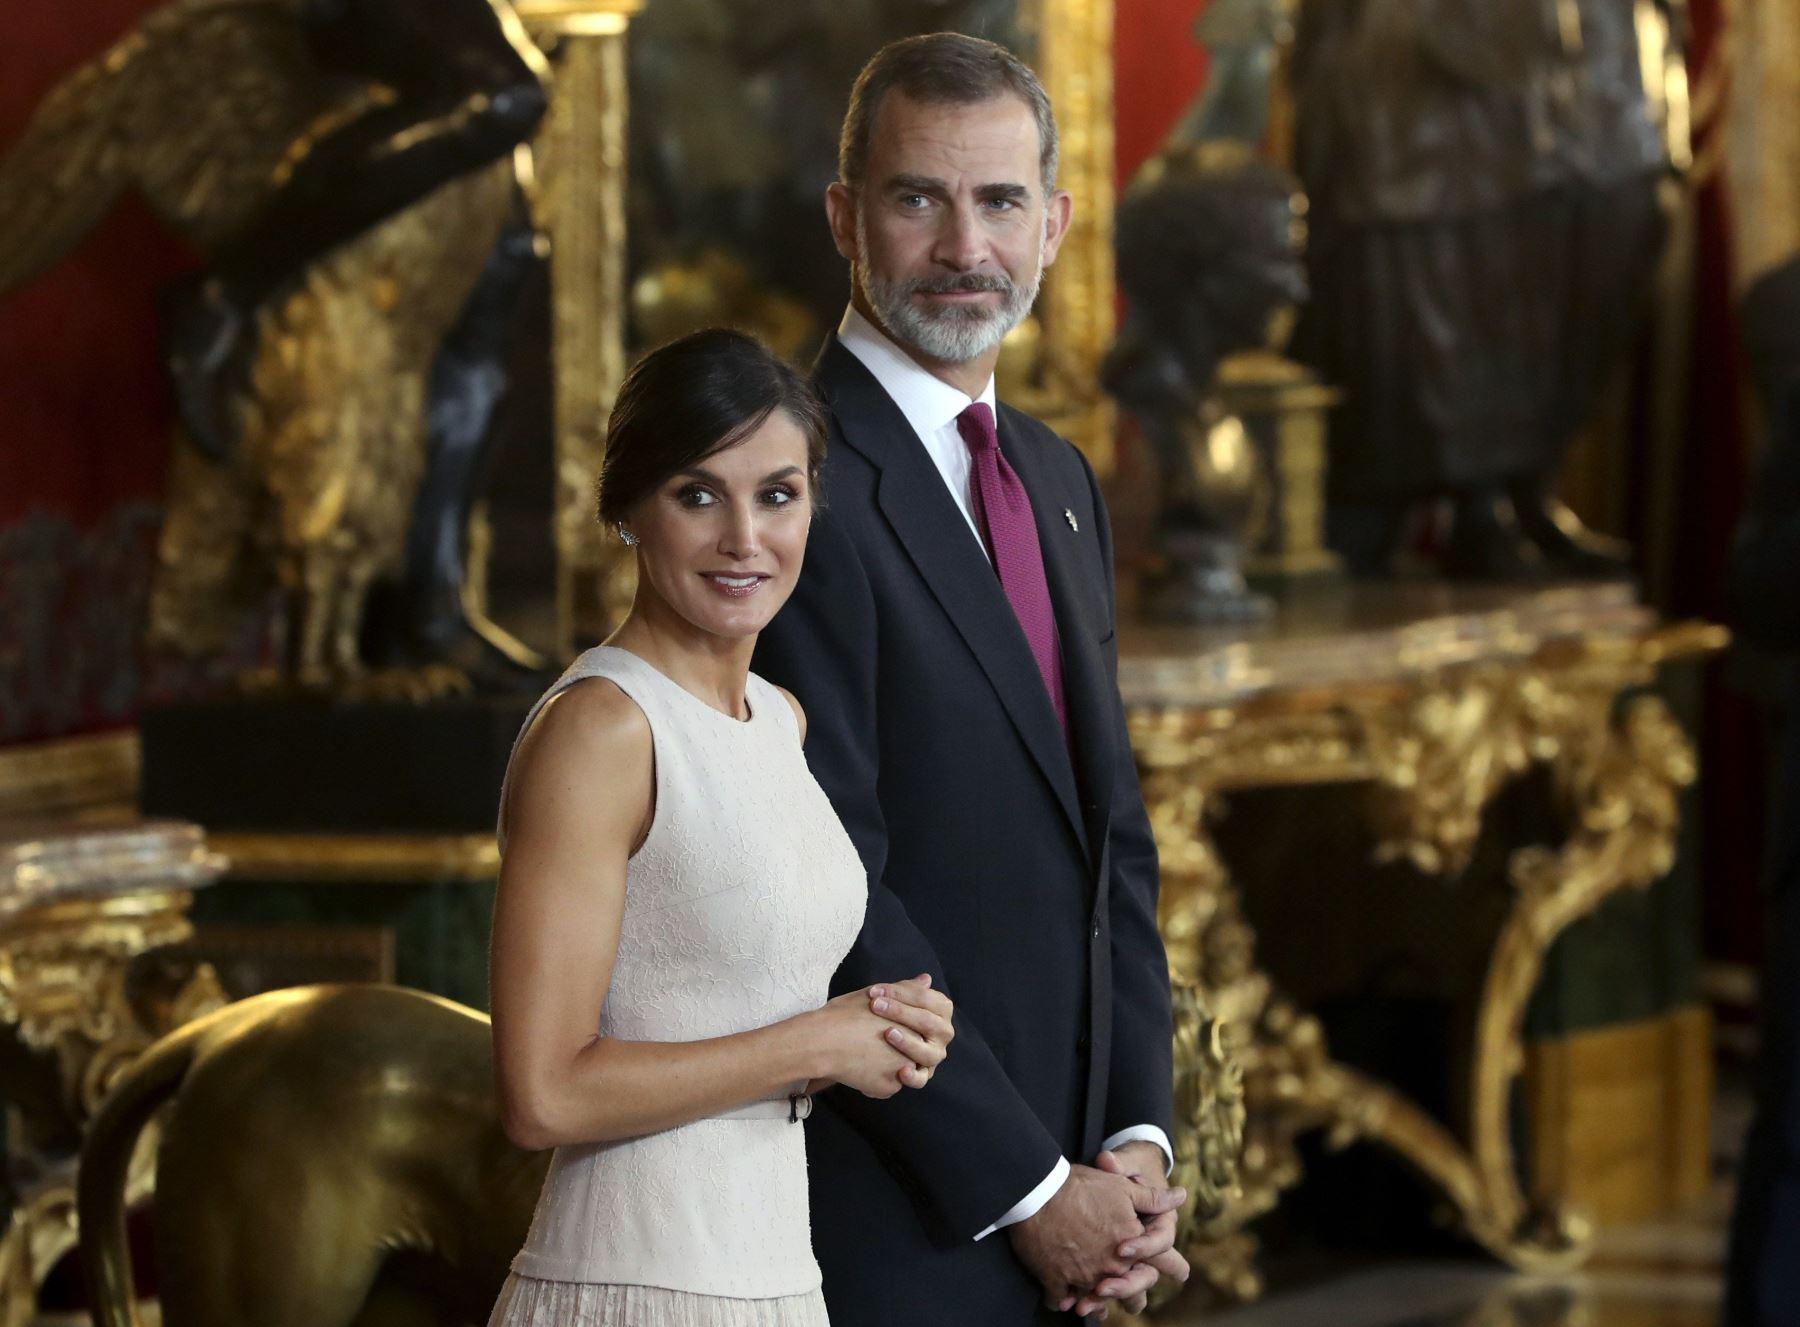 Felipe VI y Vizcarra, agenda para Constitución y Bicentenario